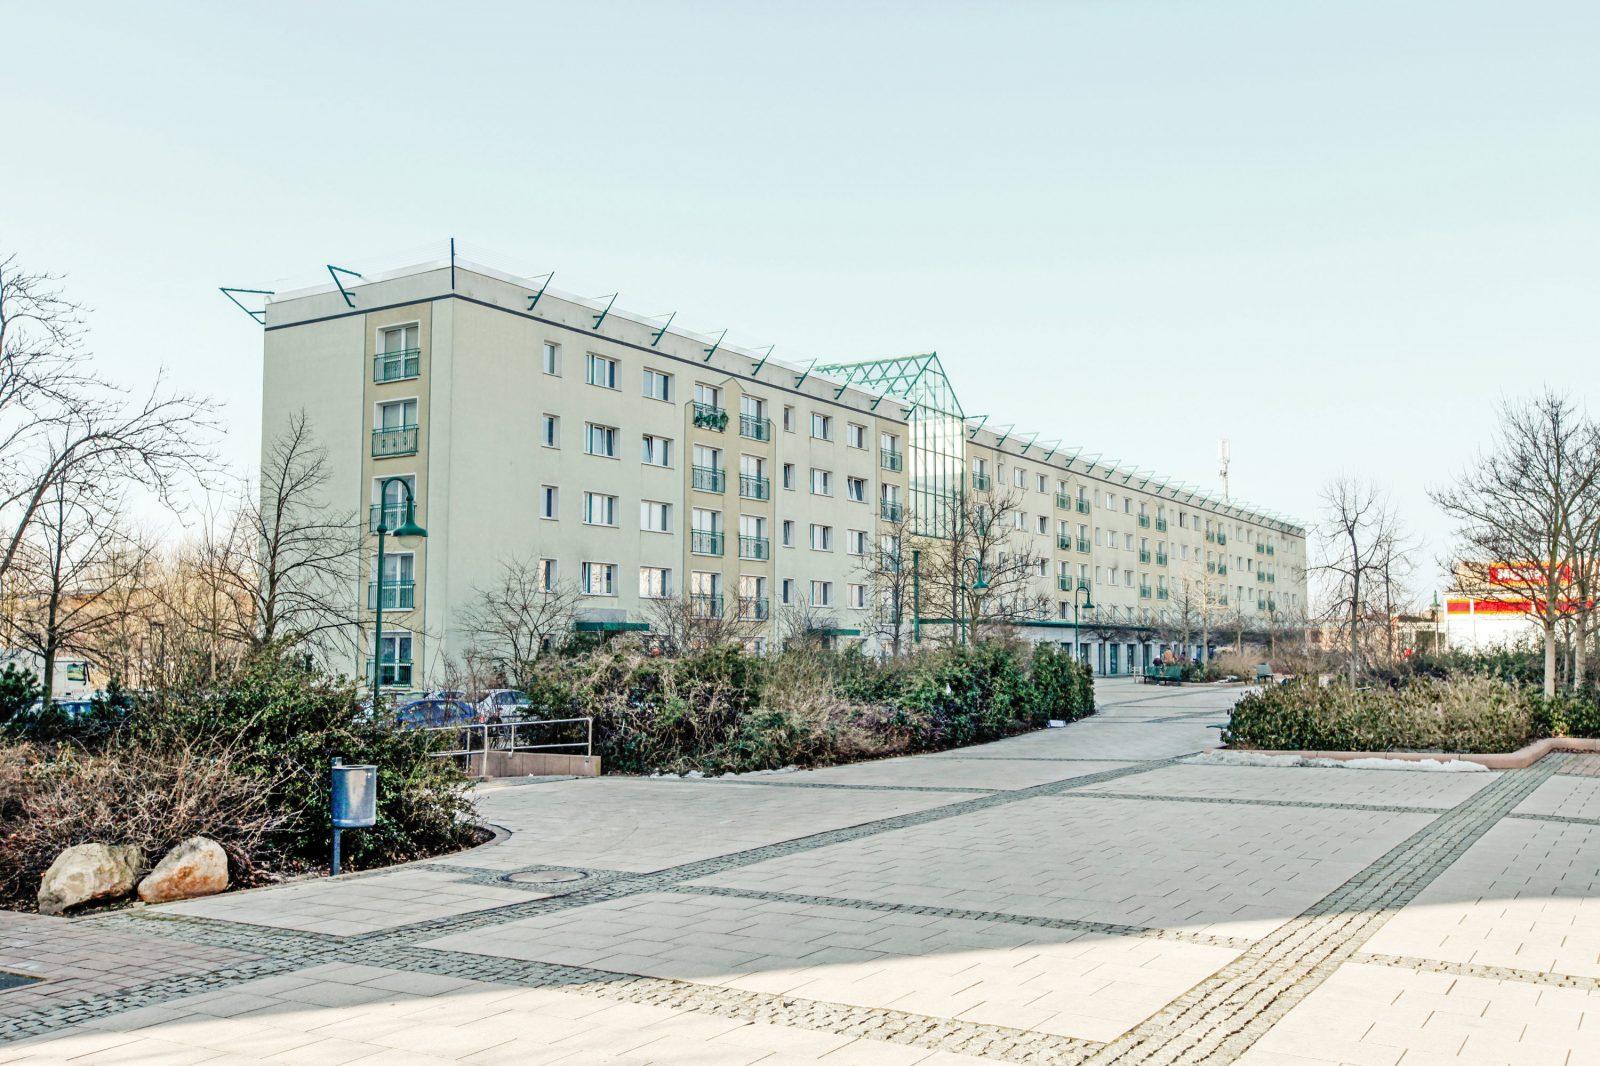 GRACO-Senftenberg-Plattenbau-Fischreiherstrasse-vorher